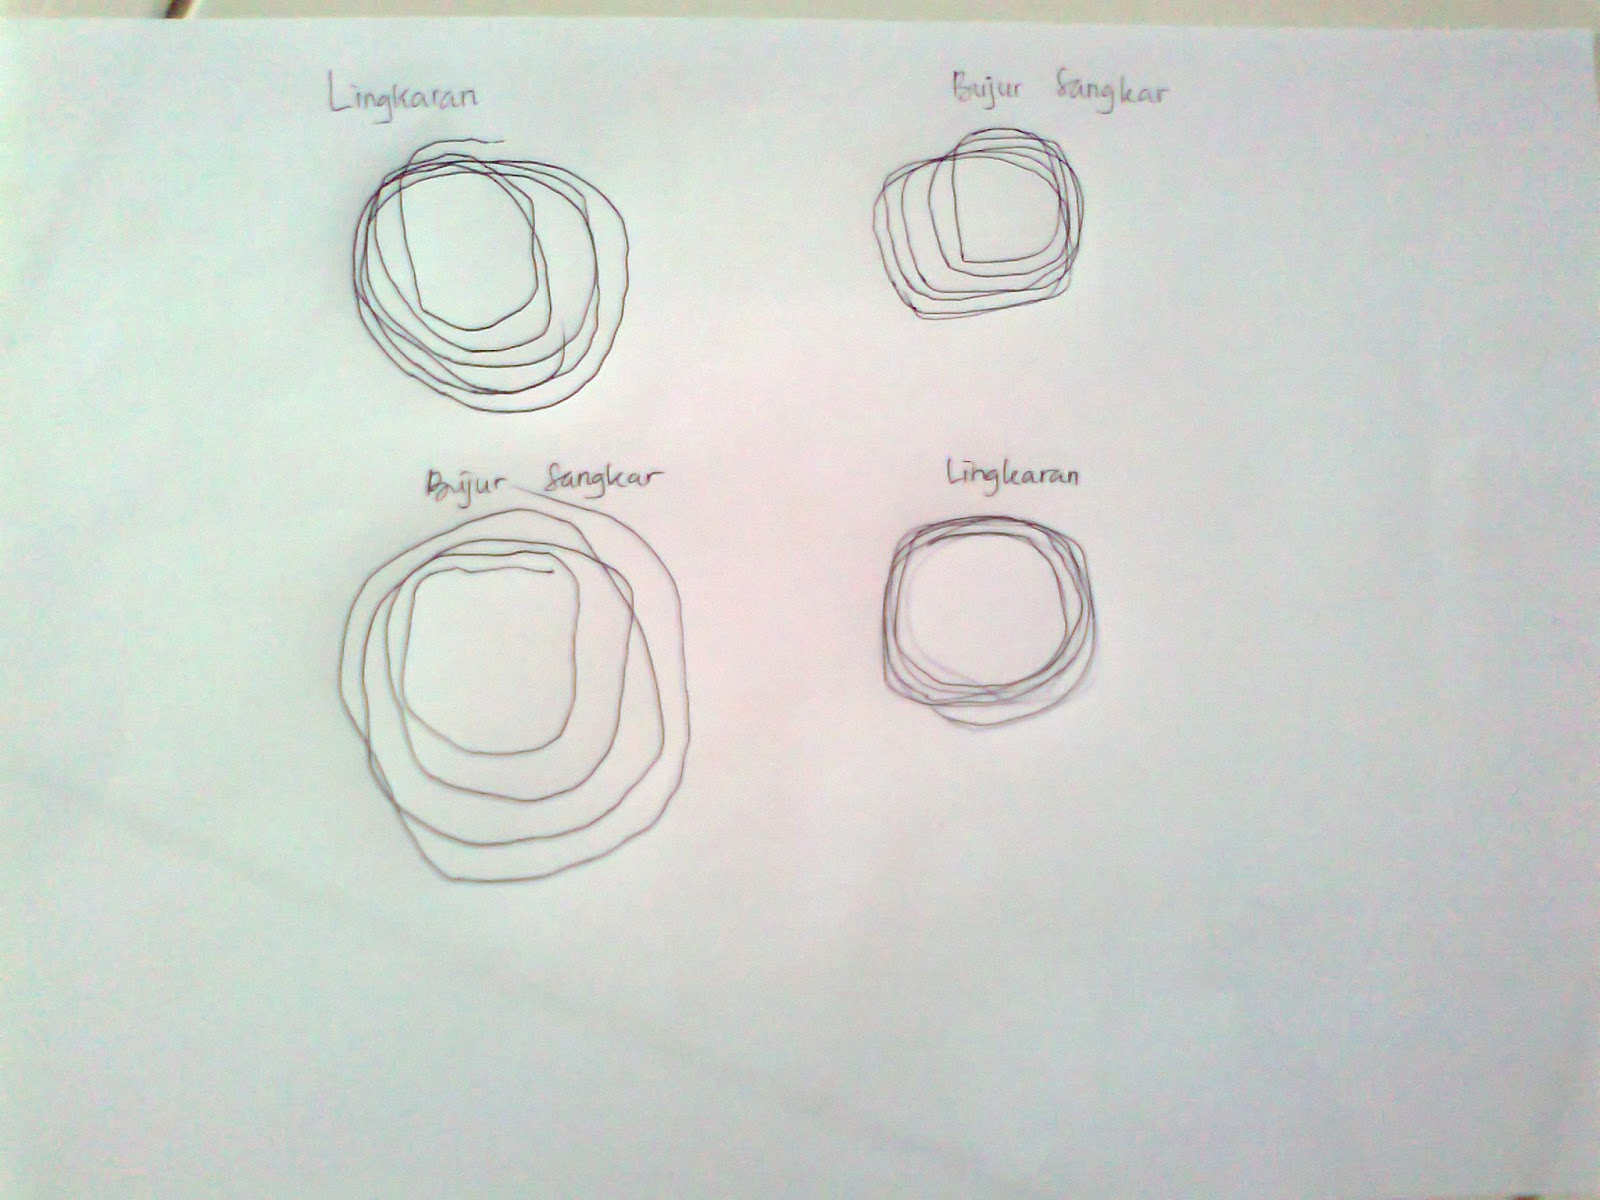 Gambar lingkaran dan bujur sangkar,,,